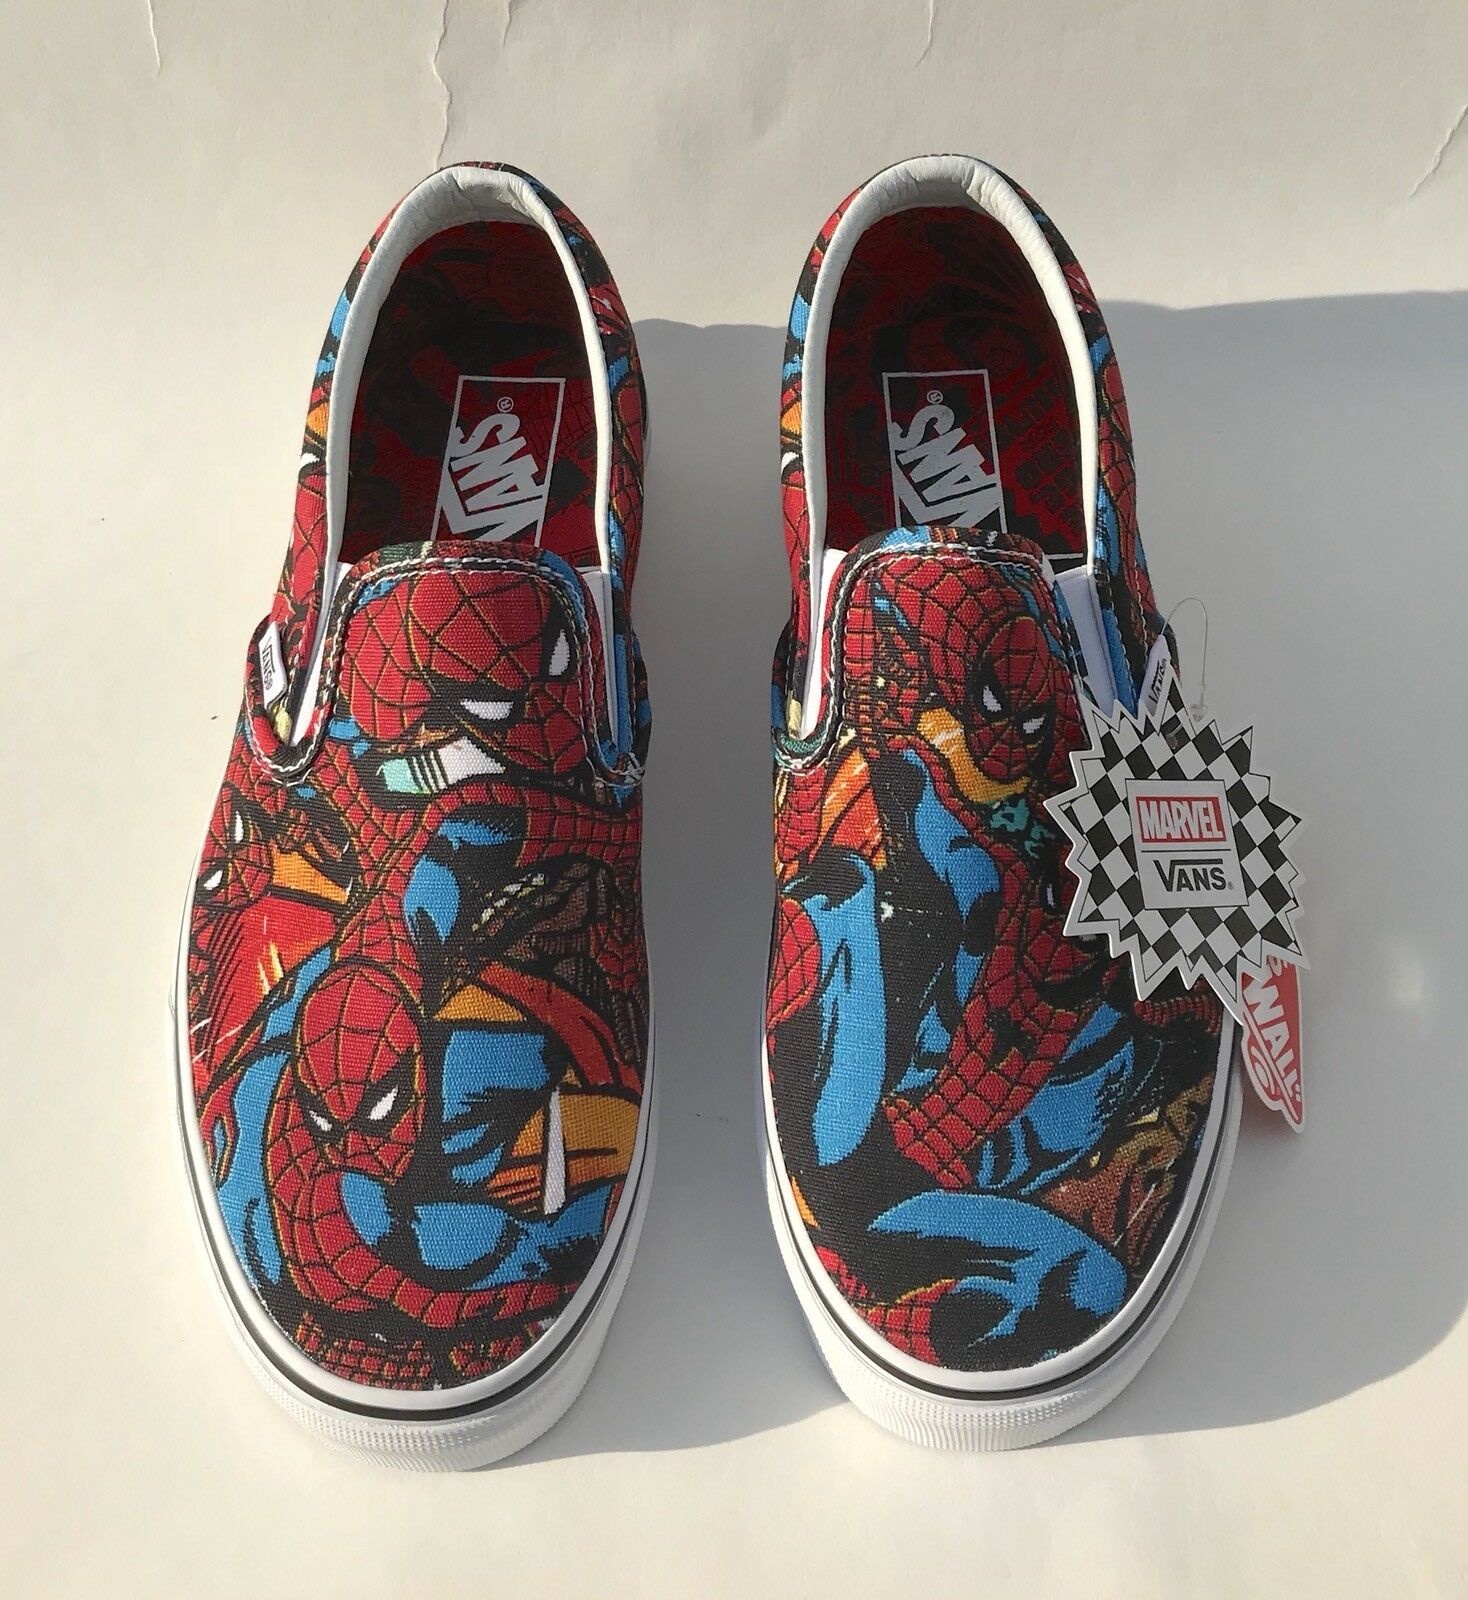 Vans Marvel Spiderman Clásico Slip On Rojo Azul blancoo De Hombre Tallas 9.5